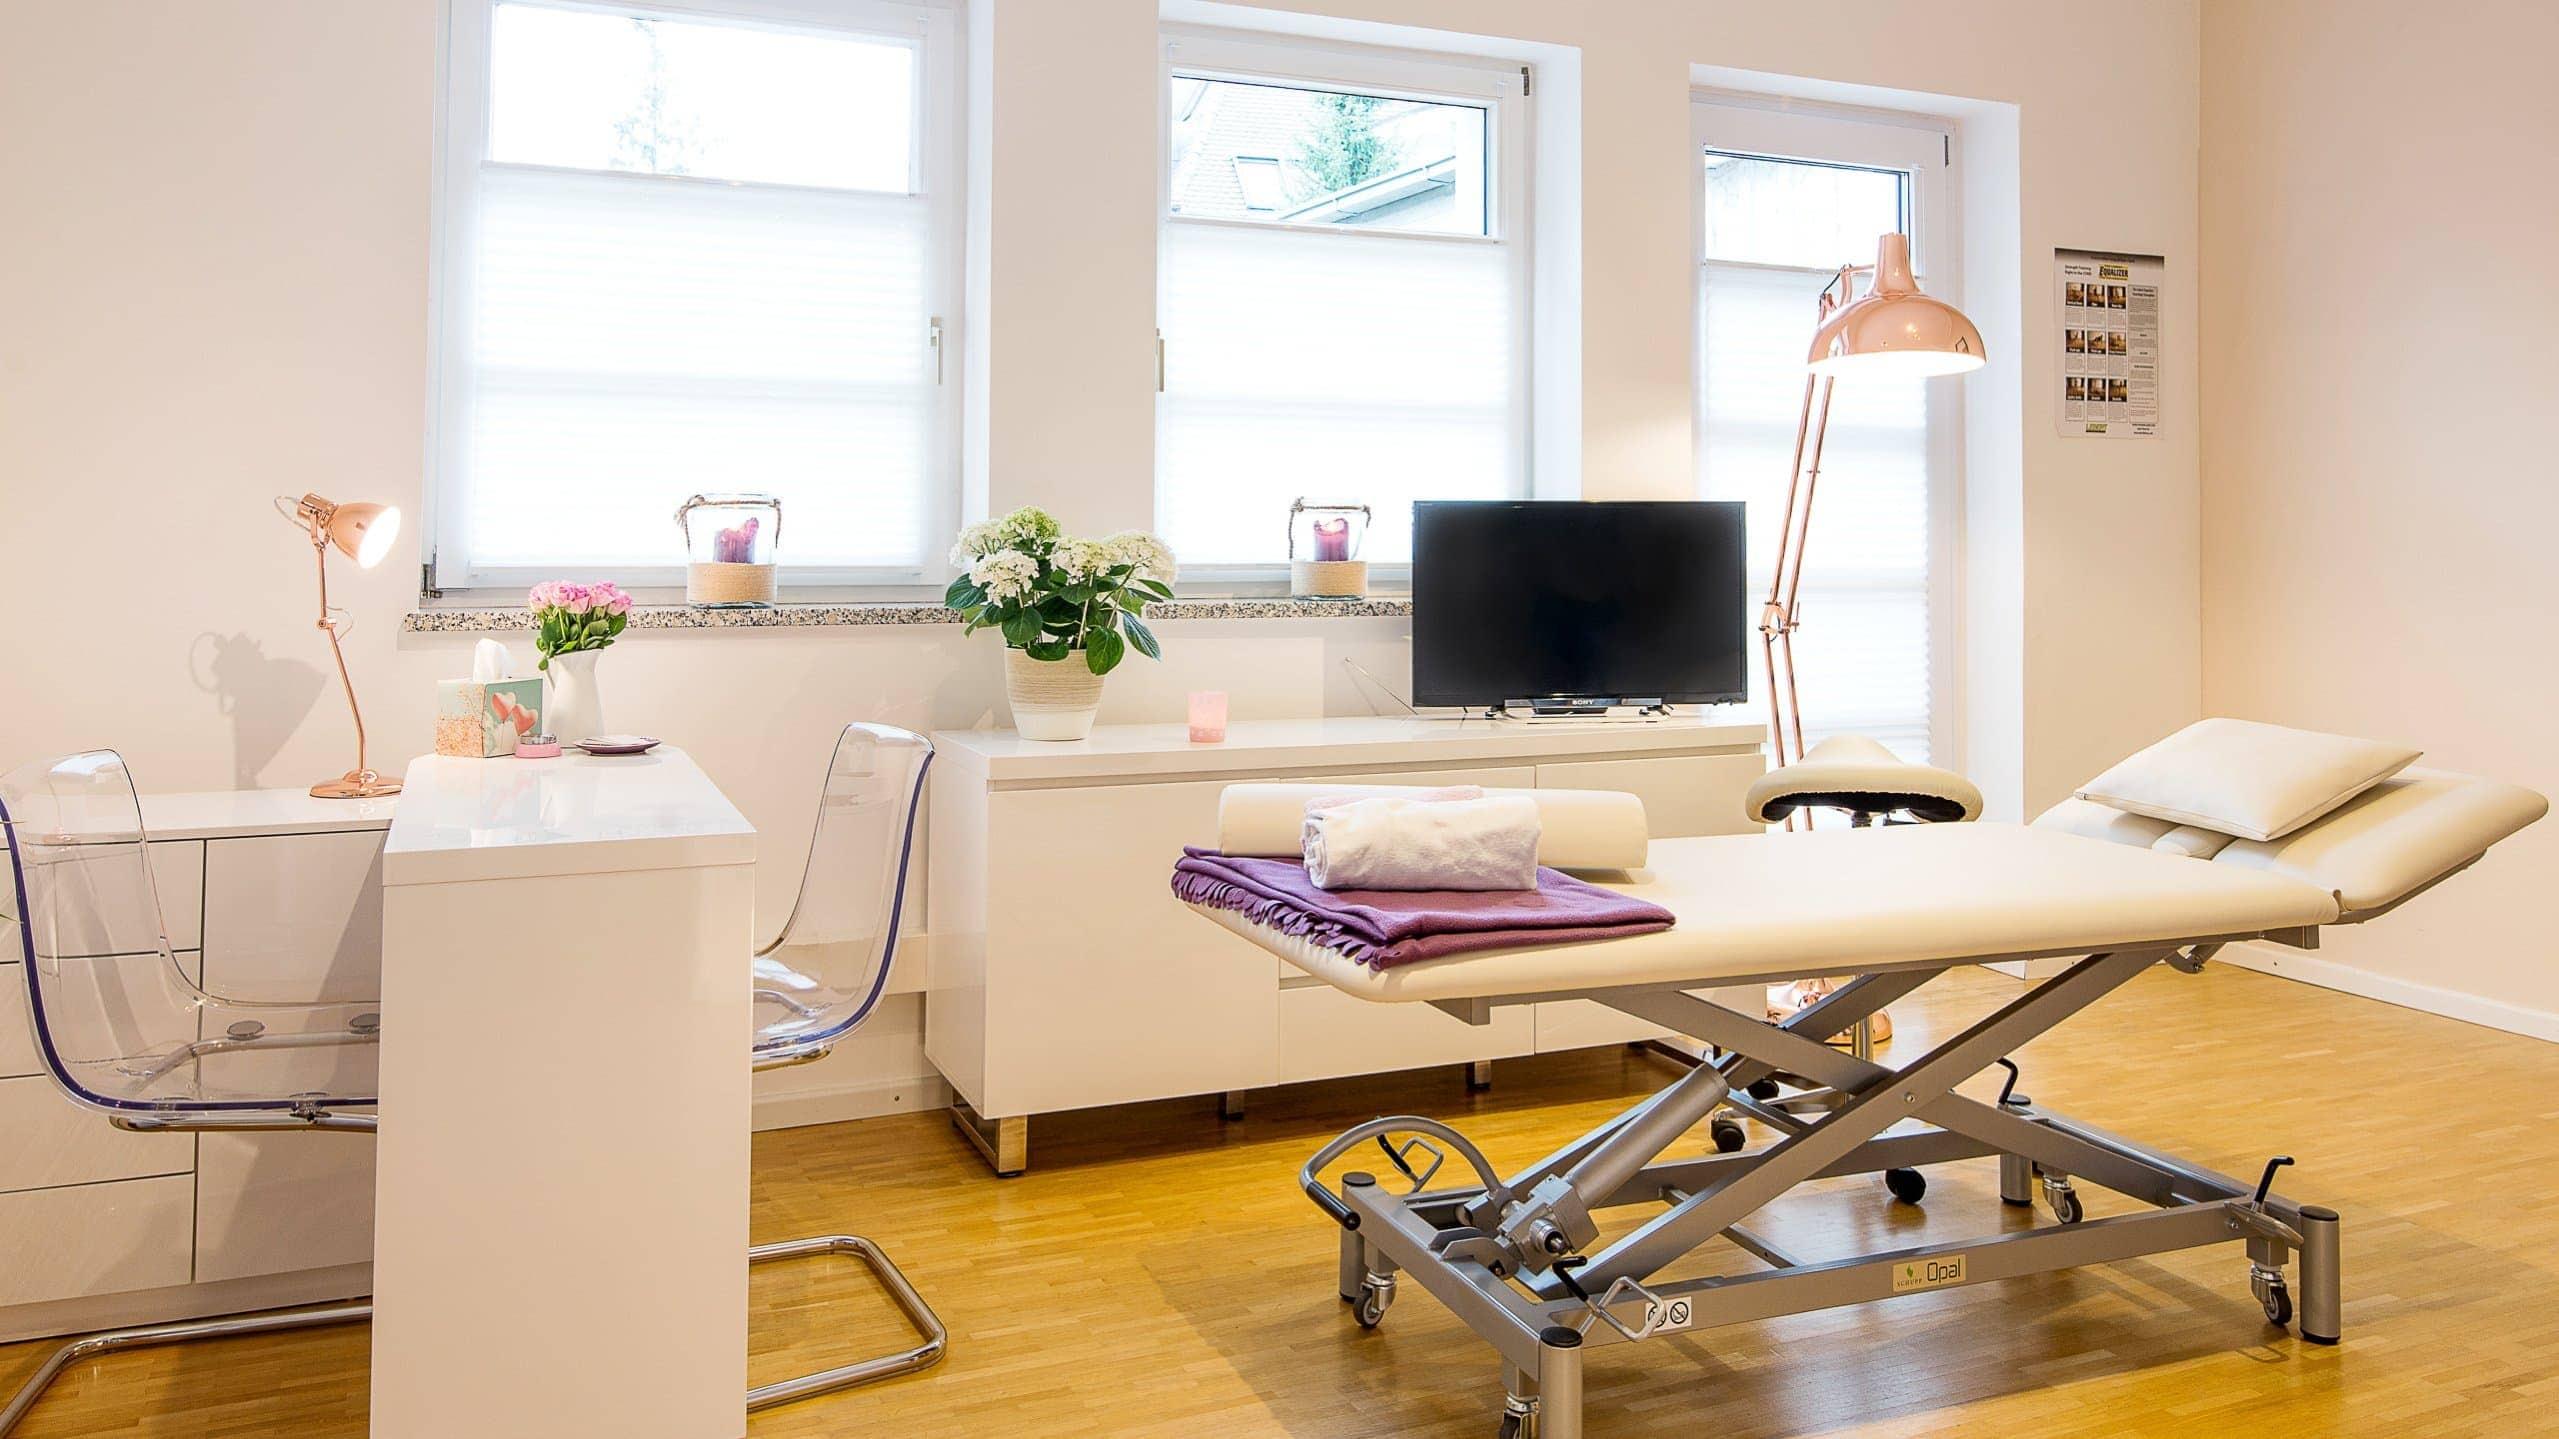 JungundWilddesign Business Architektur Interior 008